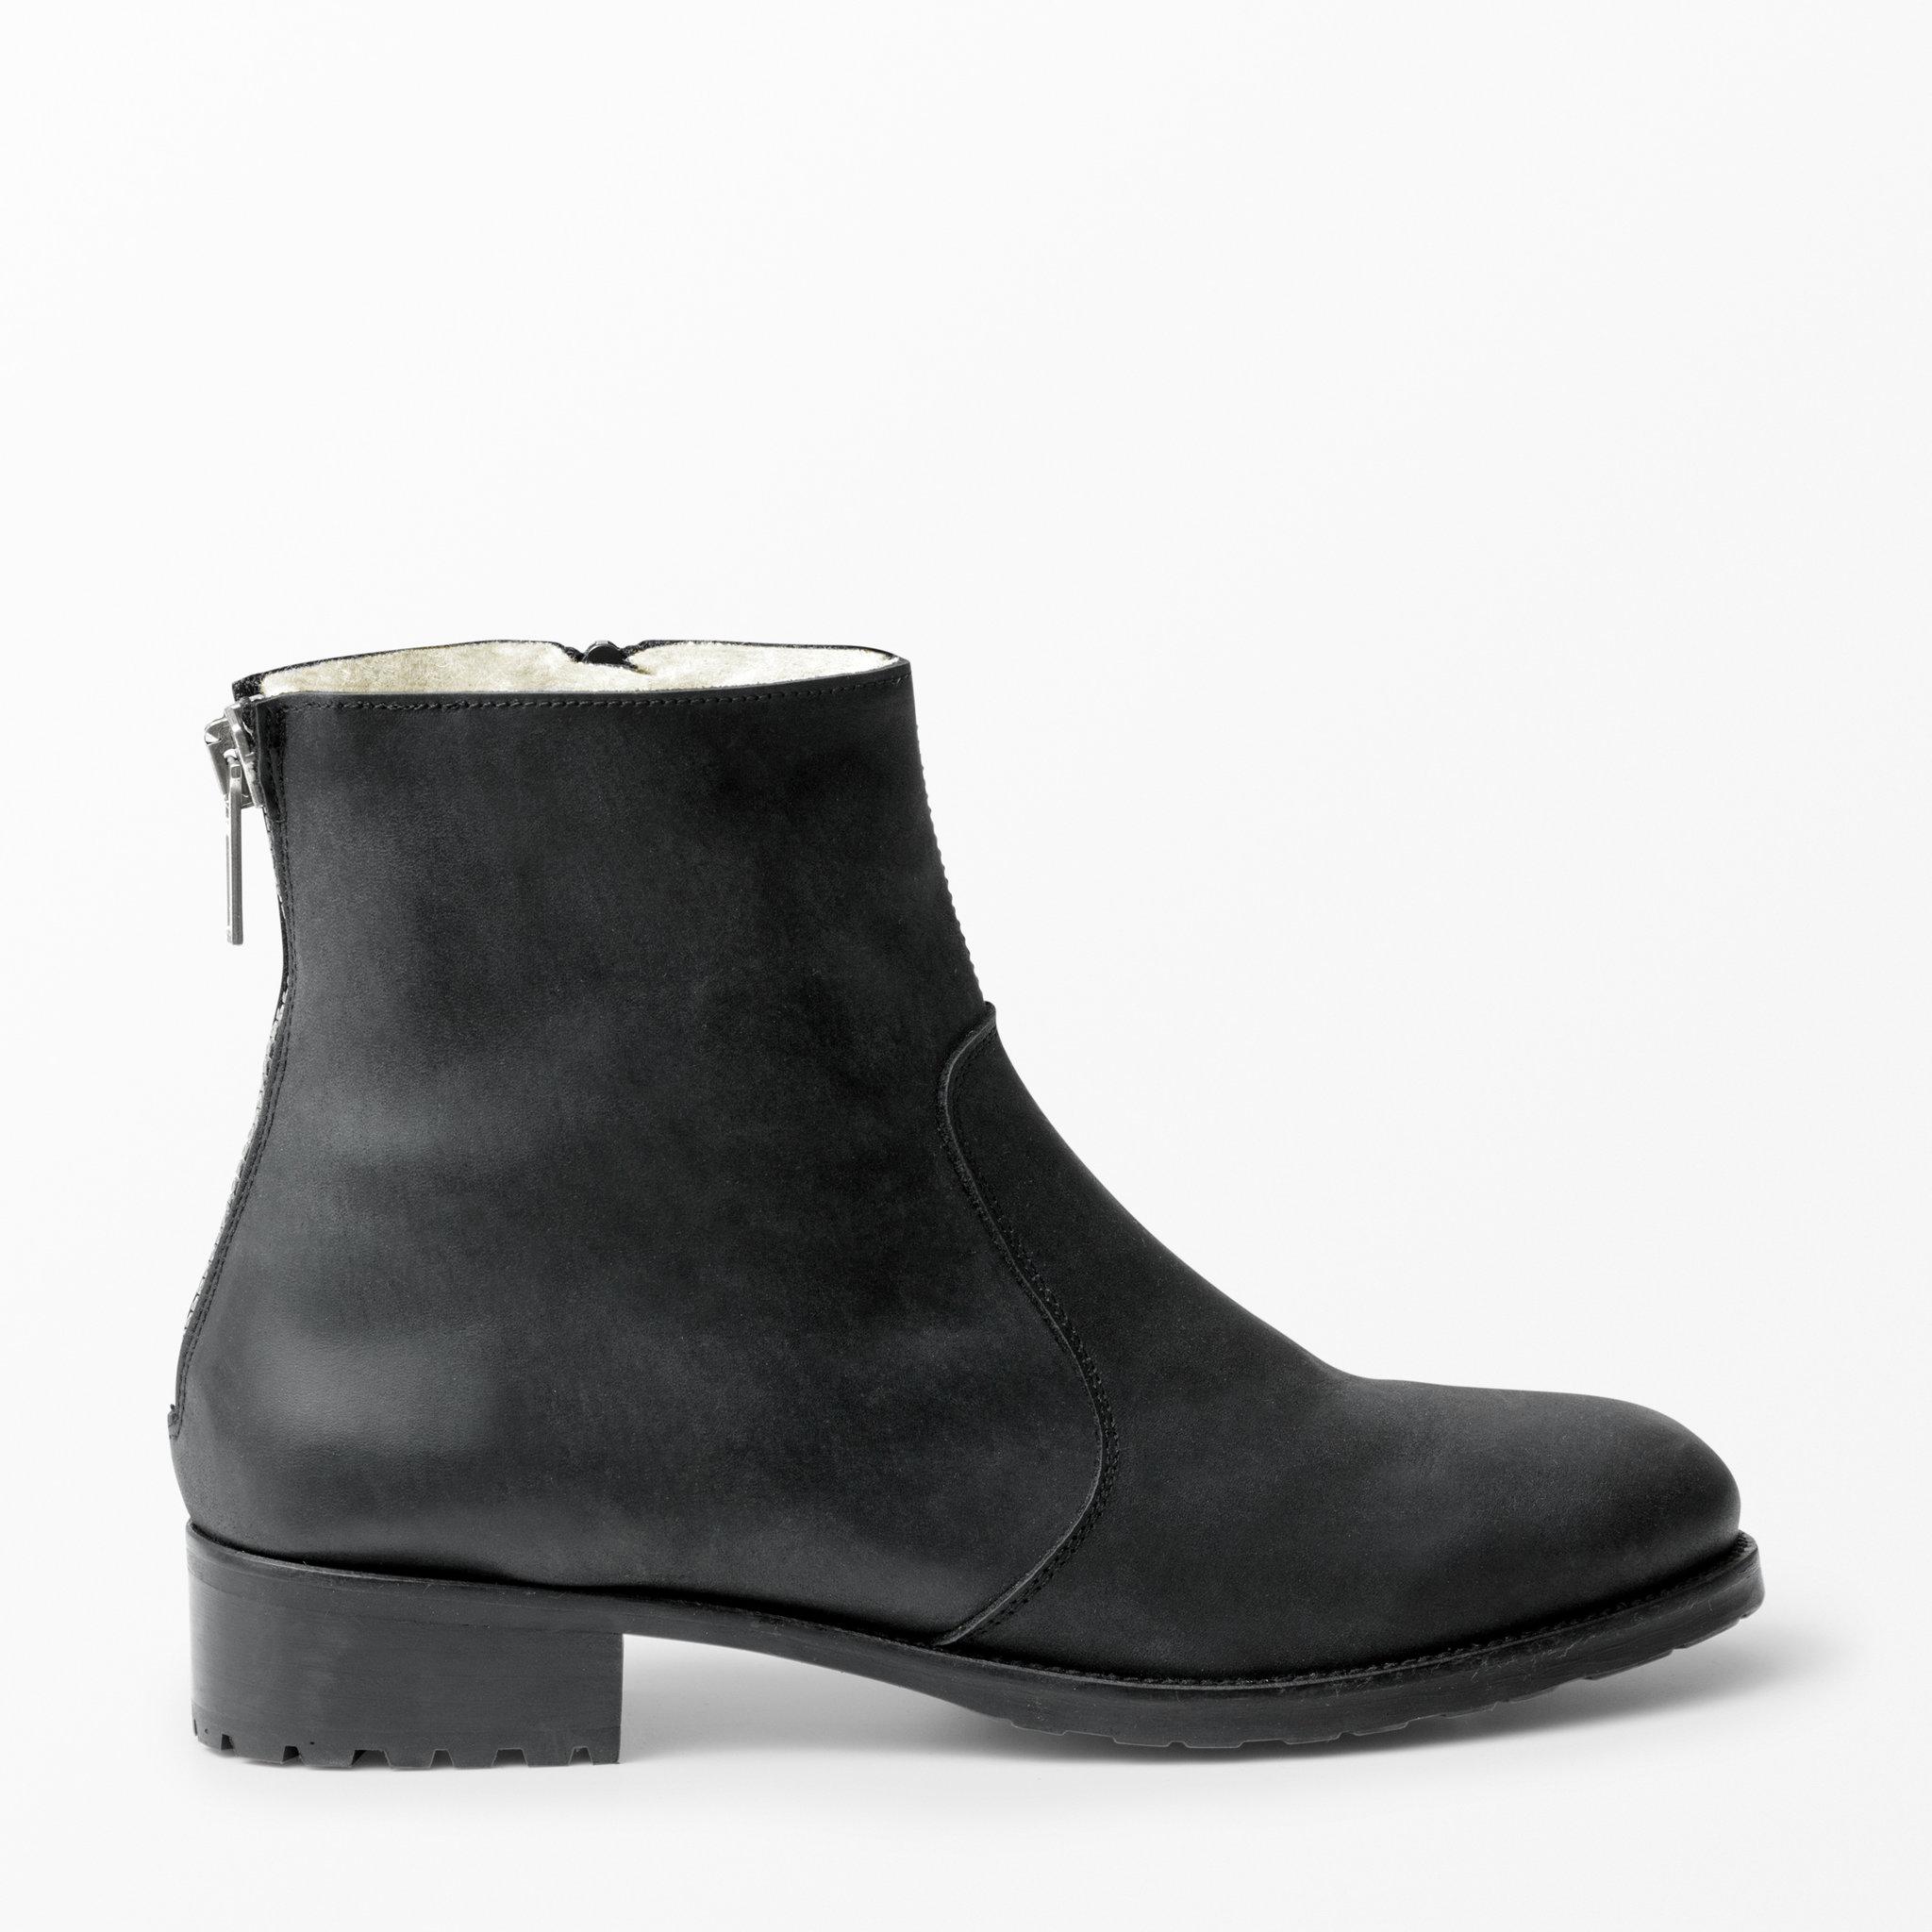 Boots fodrade Sportlovsrea_dam Köp online på åhlens.se!